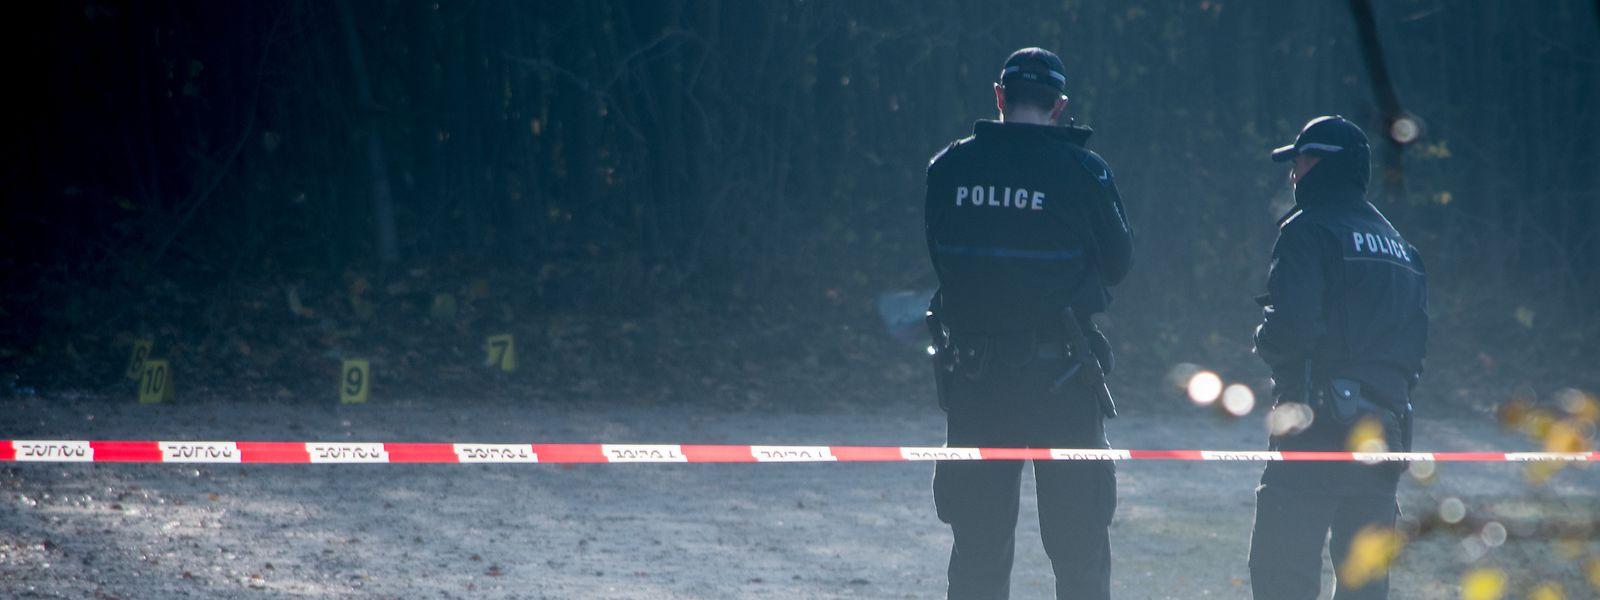 Der Leichnam wurde in der Nacht zum 14. November 2016 am Waldparkplatz Fräiheetsbam in Strassen entdeckt.